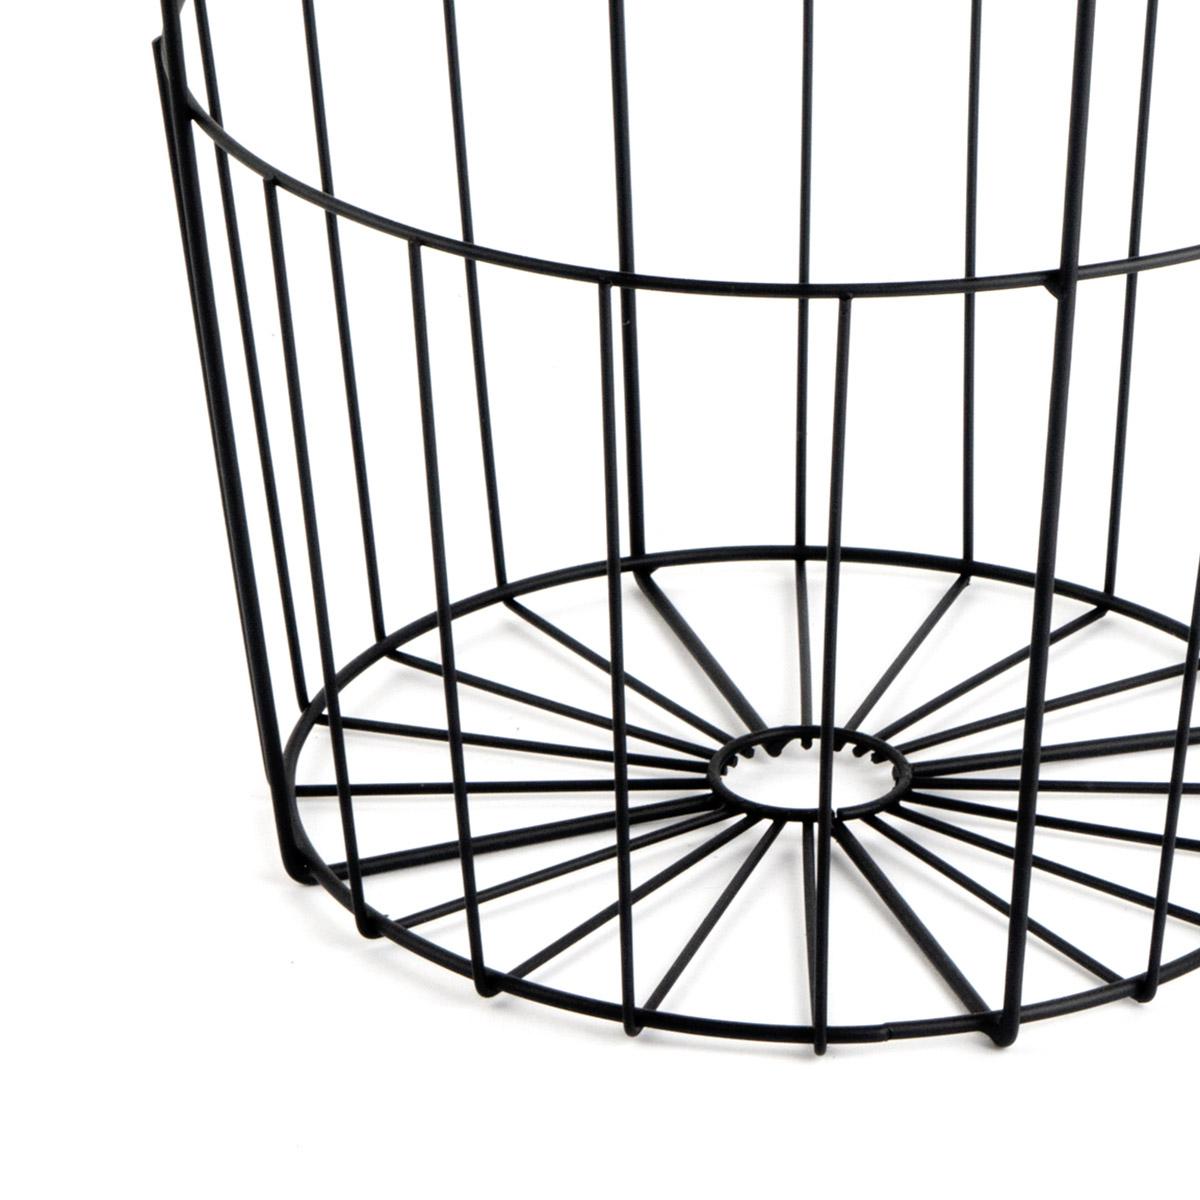 et 2 Mesa auxiliar Metal Juego de Mesas Auxiliares Color Negro Redonda - Diseño Estilo Nórdico Vinta